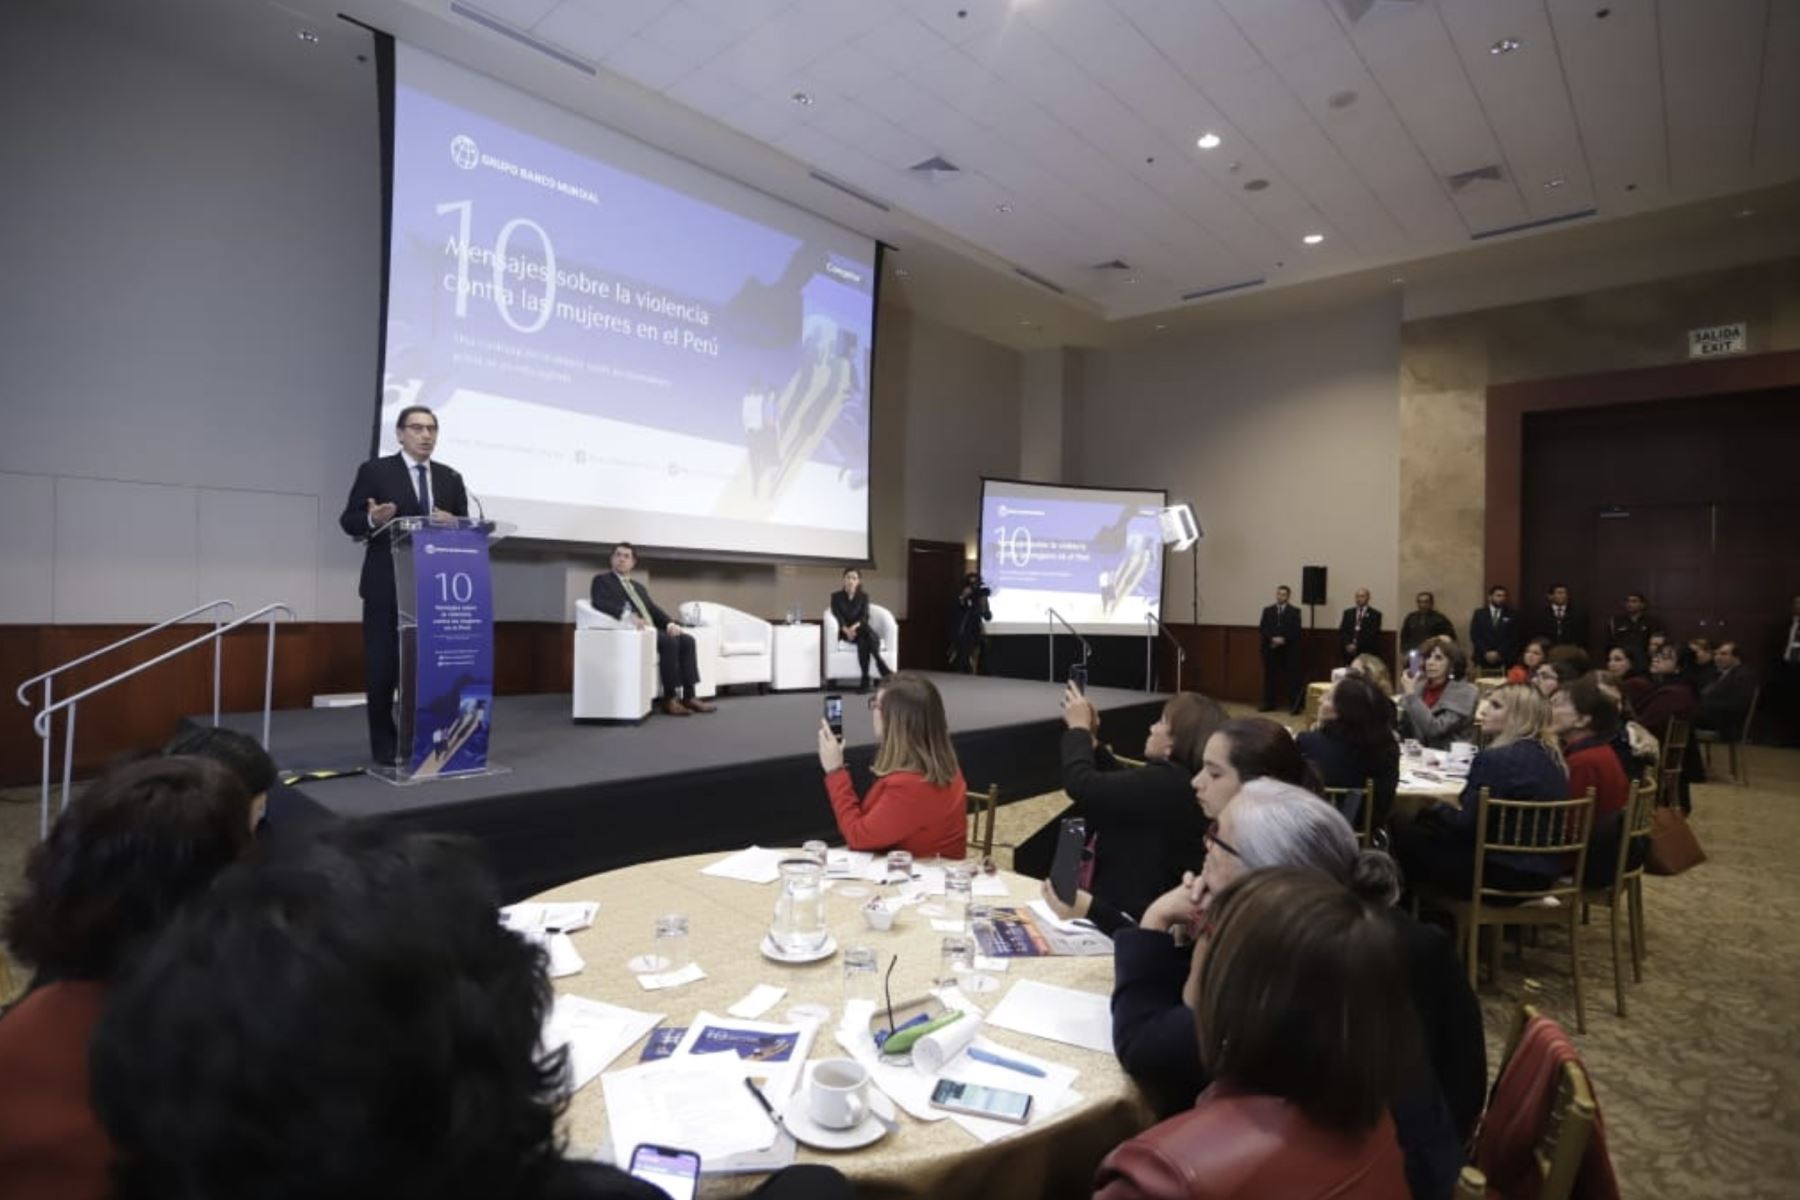 """Presidente Vizcarra participa en la presentación del estudio """" 10 mensajes sobre la violencia contra las mujeres en el Perú"""" que analiza el gasto público en intervenciones sobre prevención y atención a la violencia de género. Foto: ANDINA/Prensa Presidencia"""